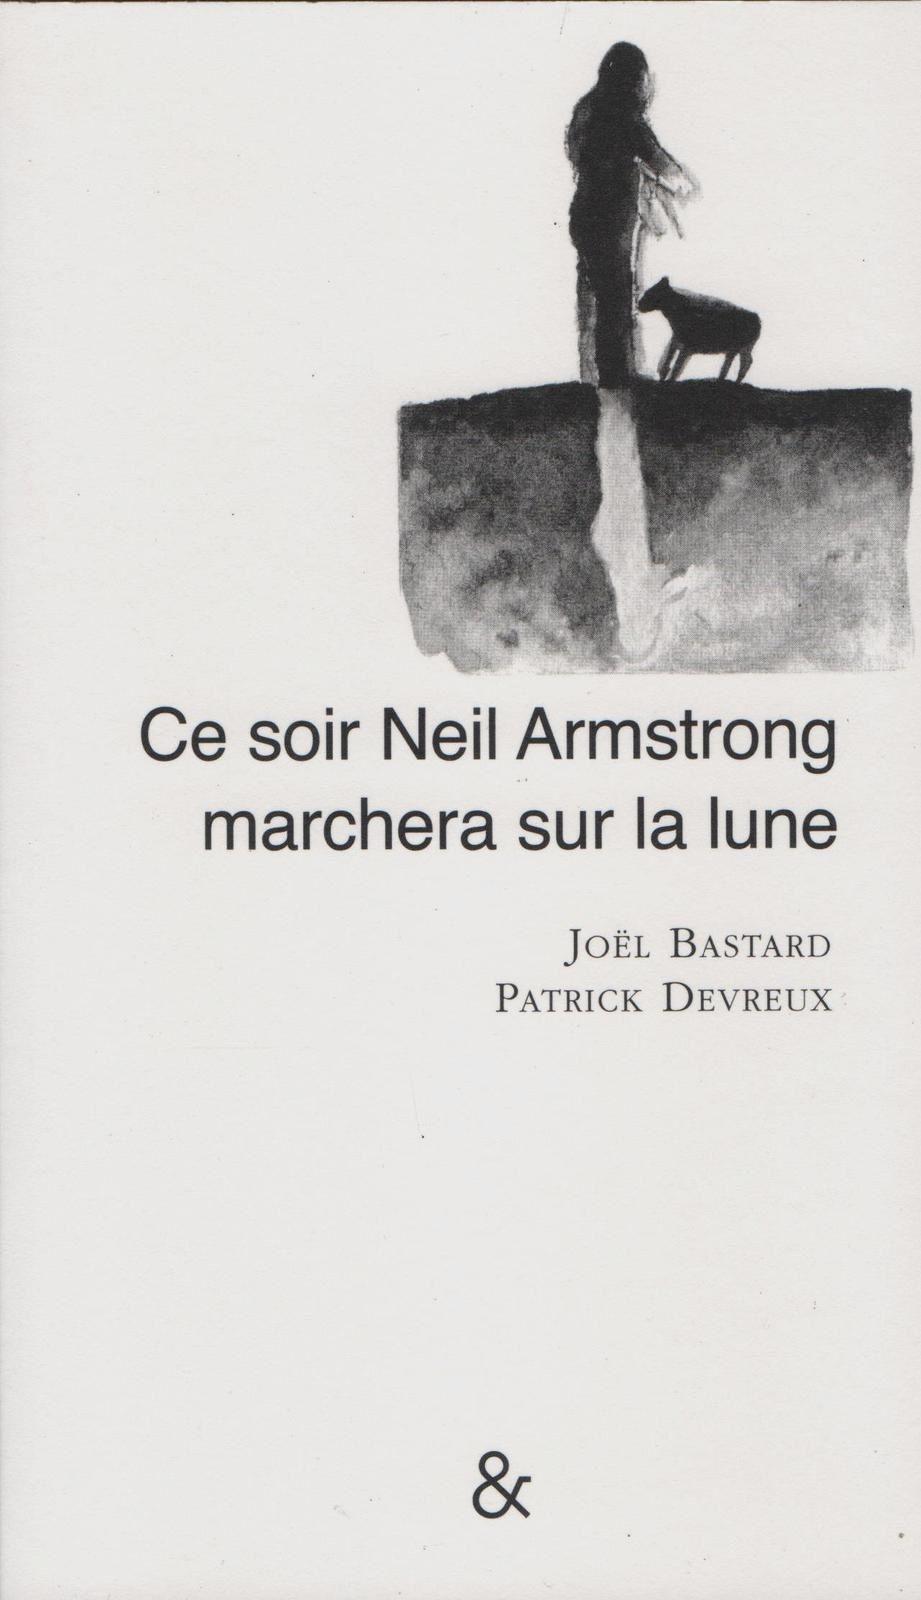 En mars exposition Patrick Devreux